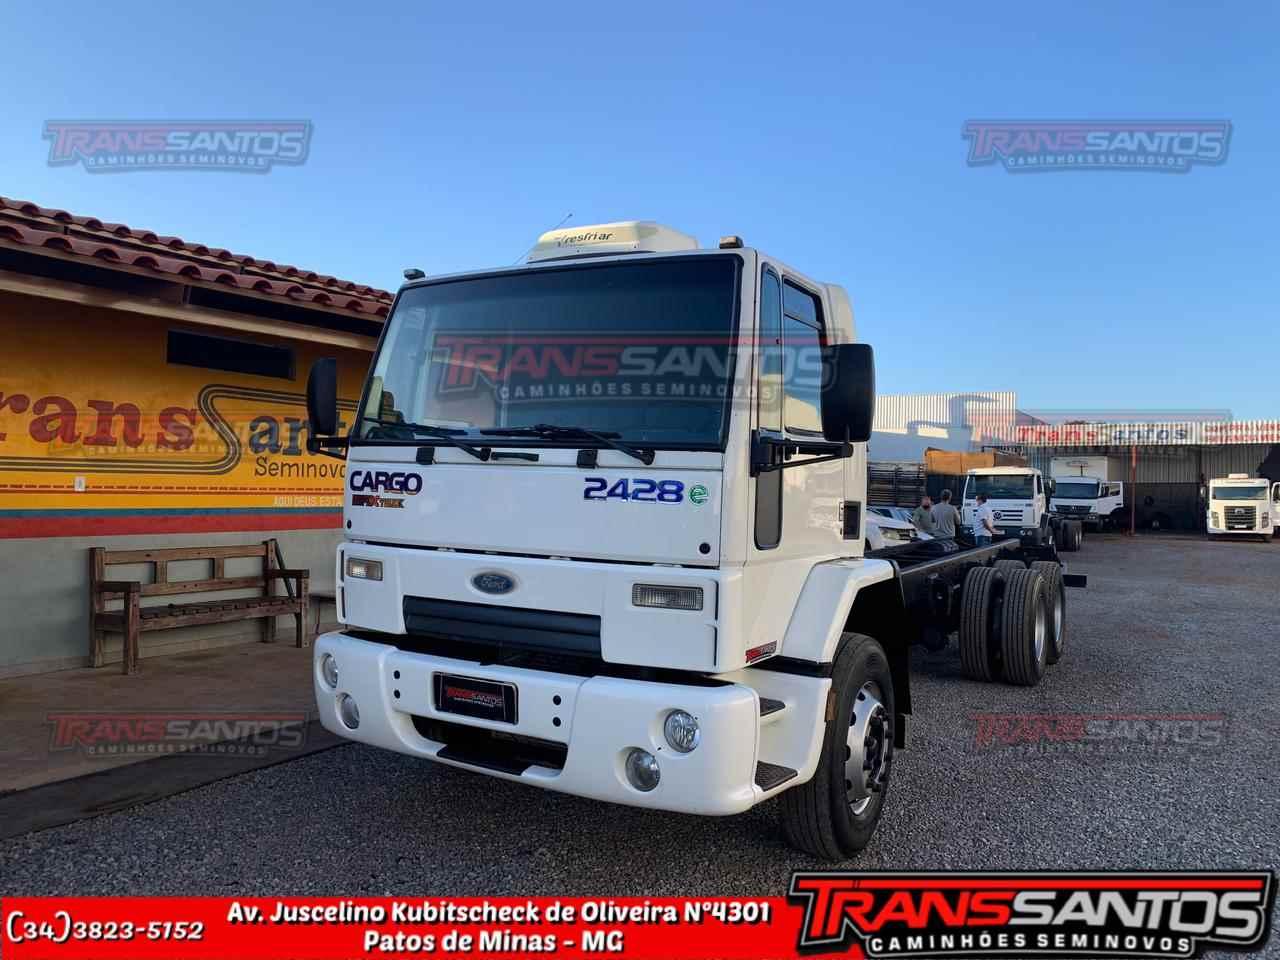 CAMINHAO FORD CARGO 2428 Chassis Truck 6x2 TransSantos Seminovos PATOS DE MINAS MINAS GERAIS MG